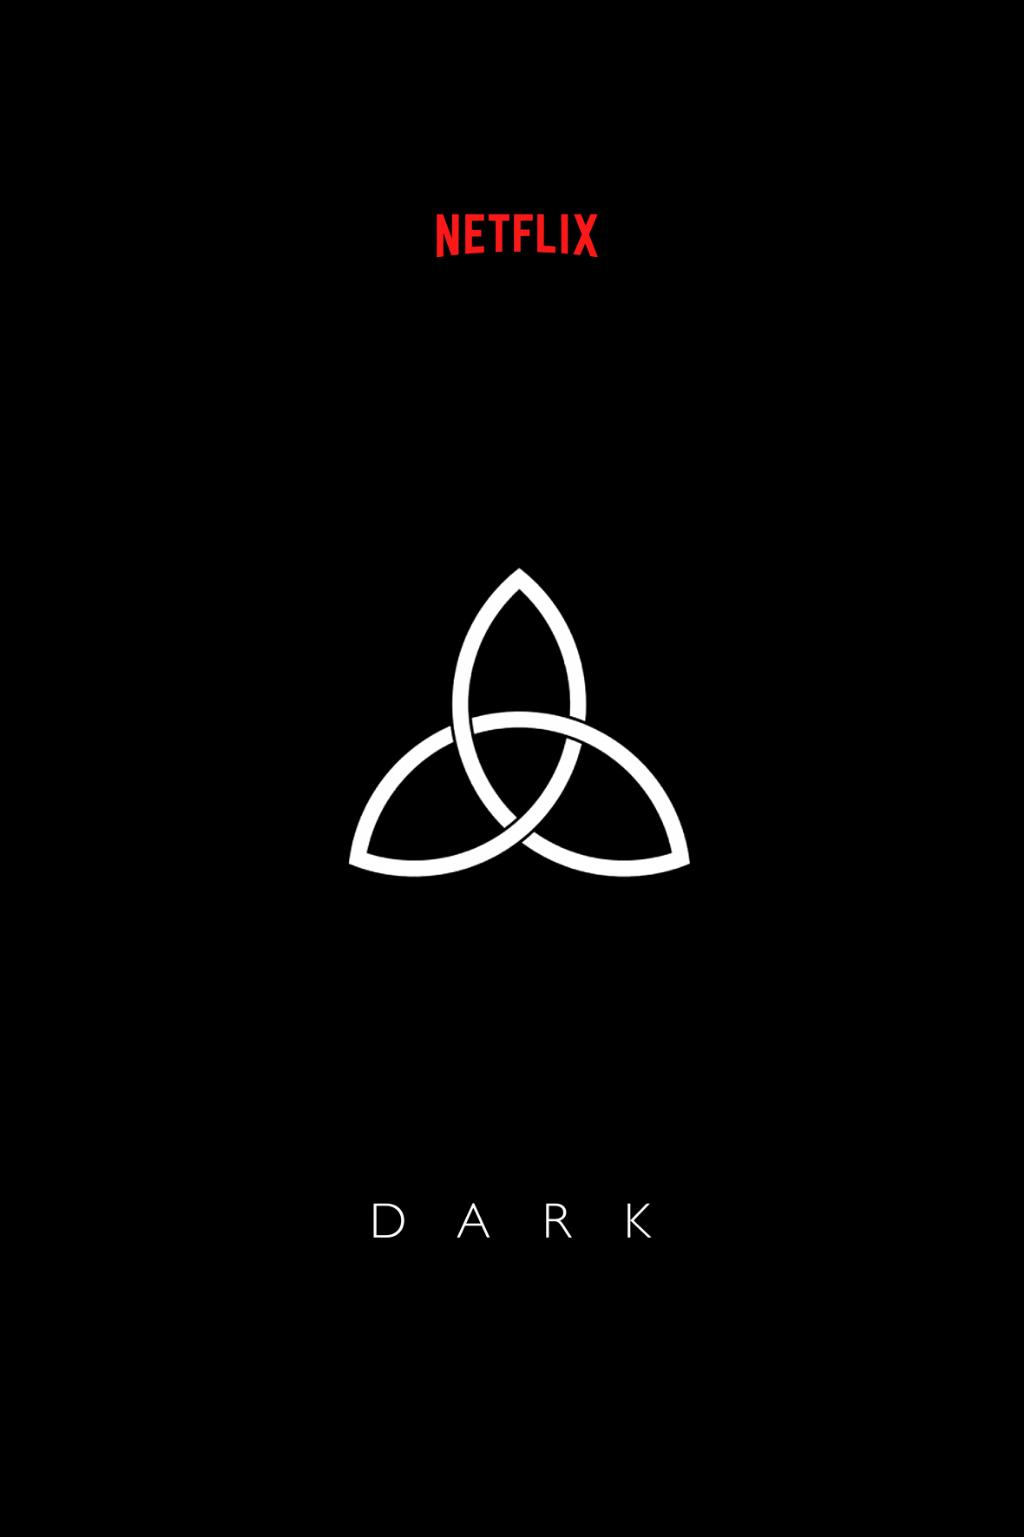 Dark Serie Netflix Netflix Dark Phone Wallpapers Dark